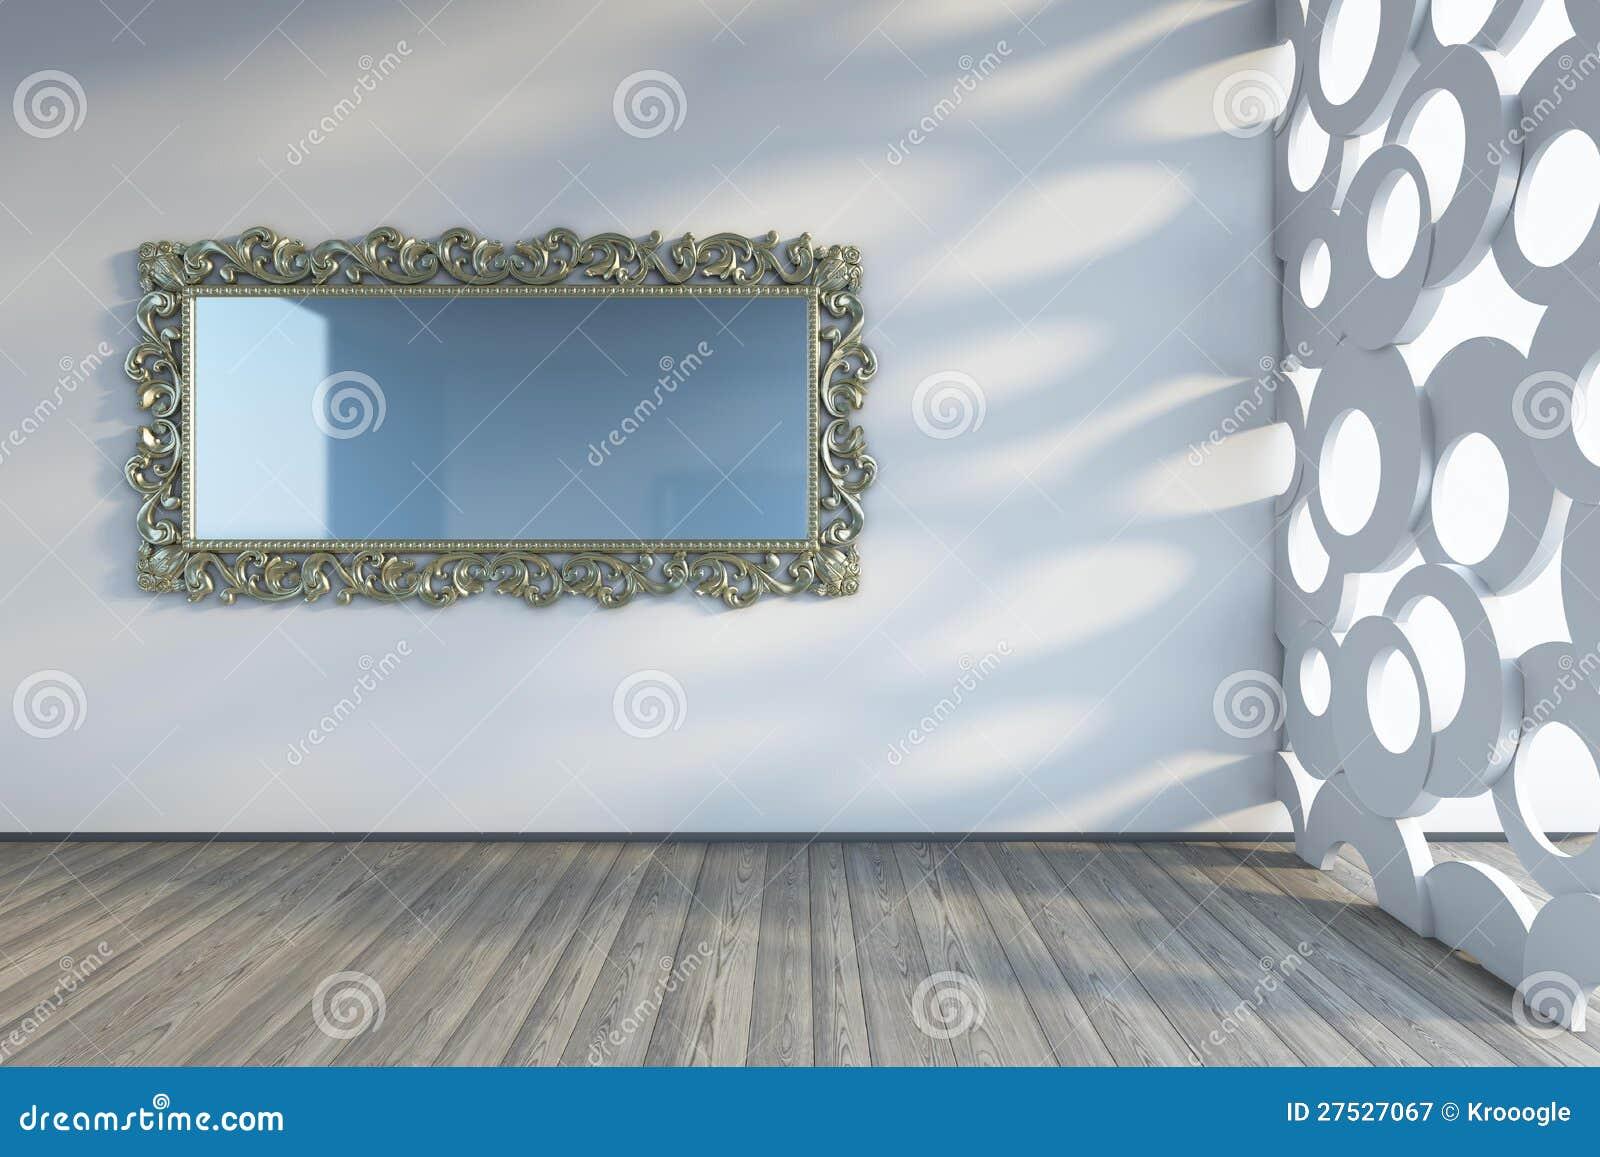 miroir sur le mur photographie stock libre de droits image 27527067. Black Bedroom Furniture Sets. Home Design Ideas